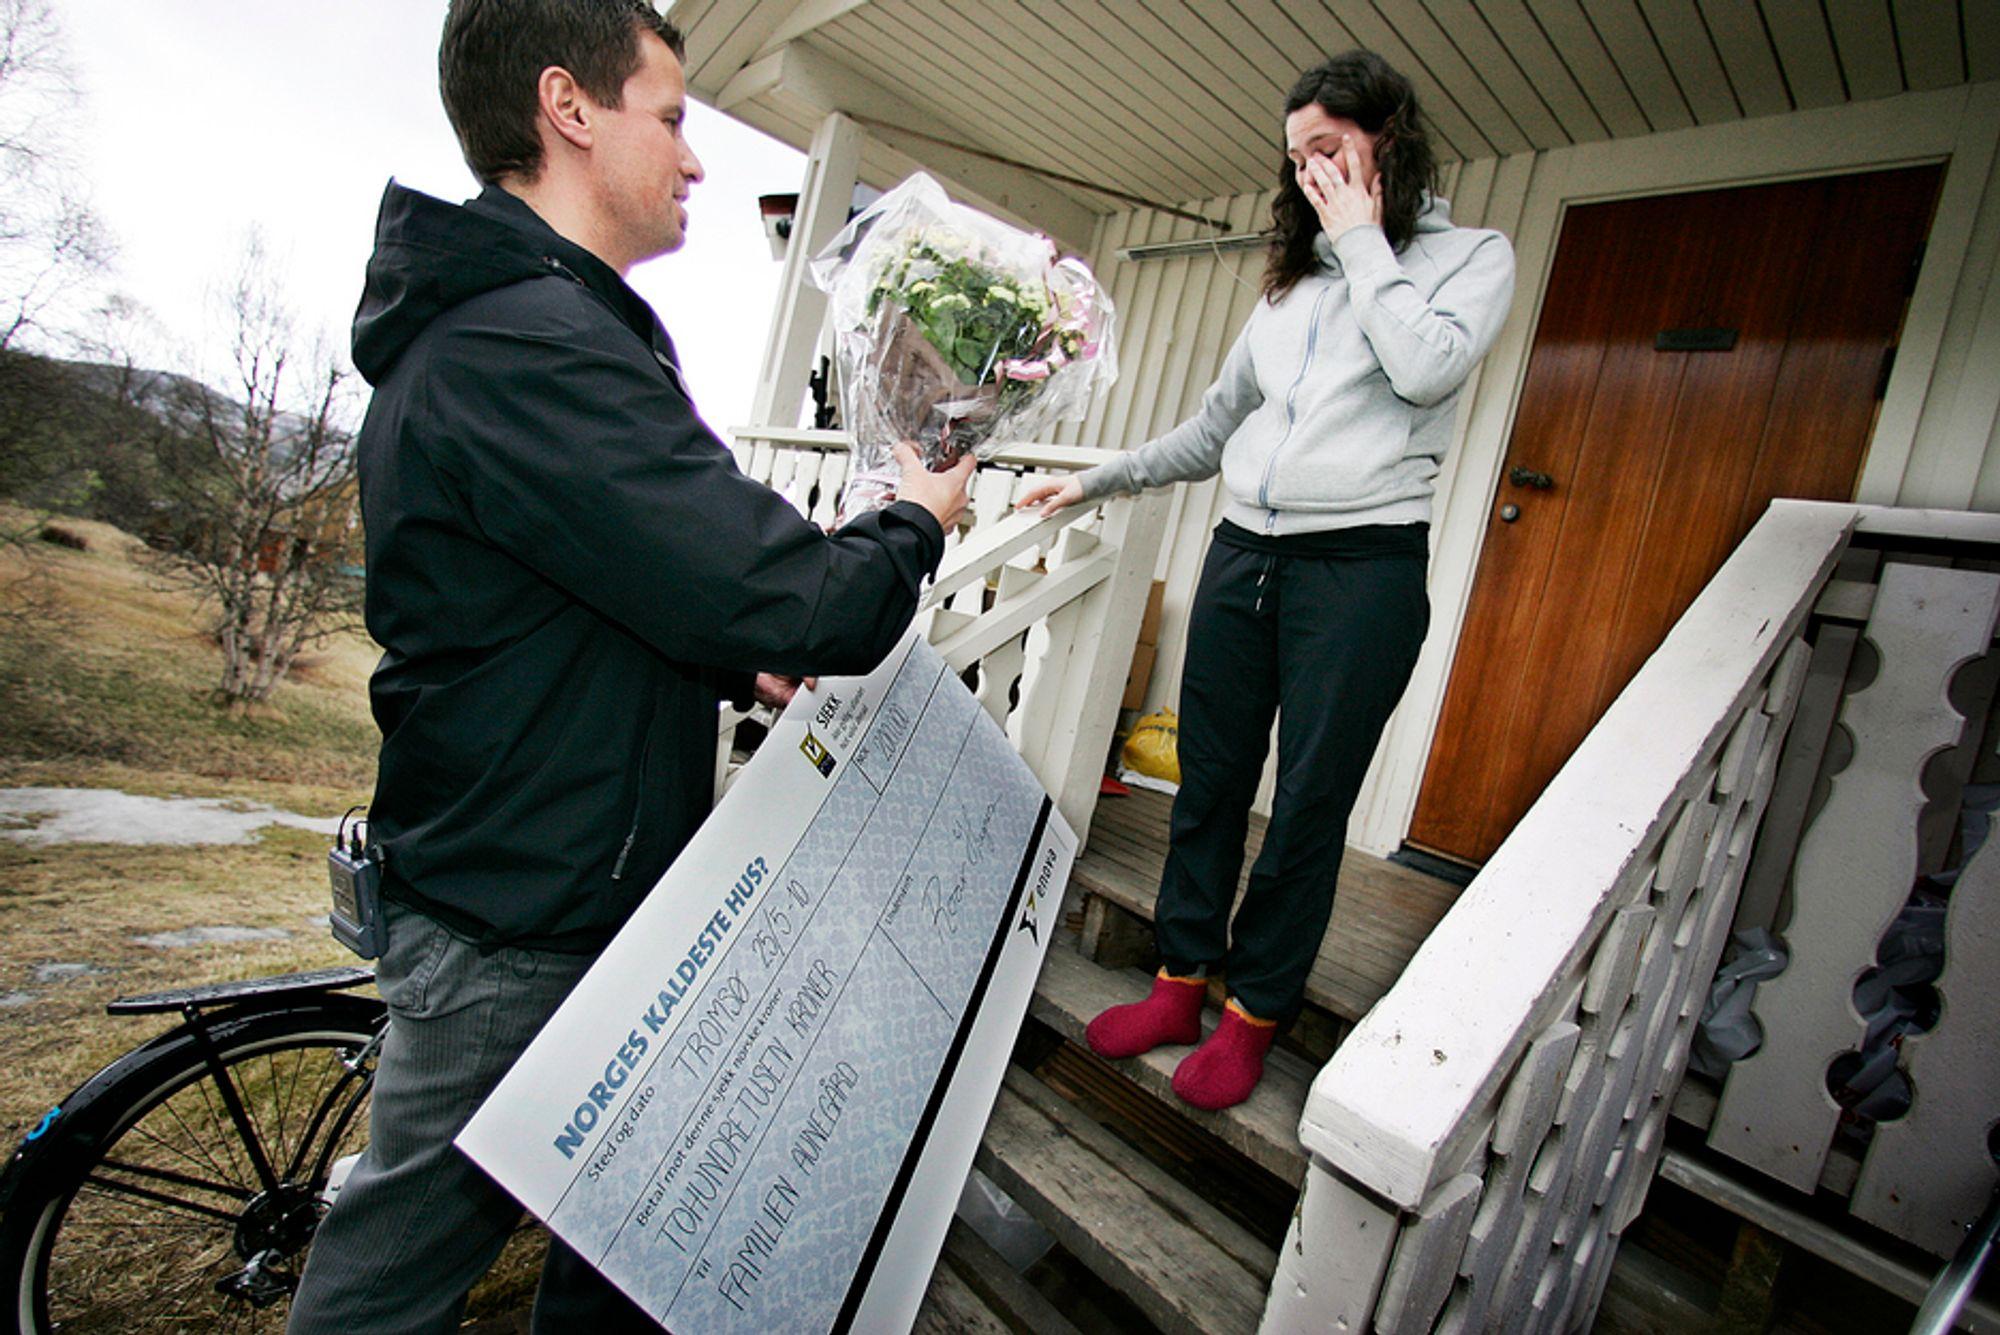 Ingrid og Fredrik Aunegård fikk i fjor 200.000 kroner av Enova til etterisolering, tetting og utskifting av vinduer. De vant konkurransen om å ha Norges kaldeste bolig.